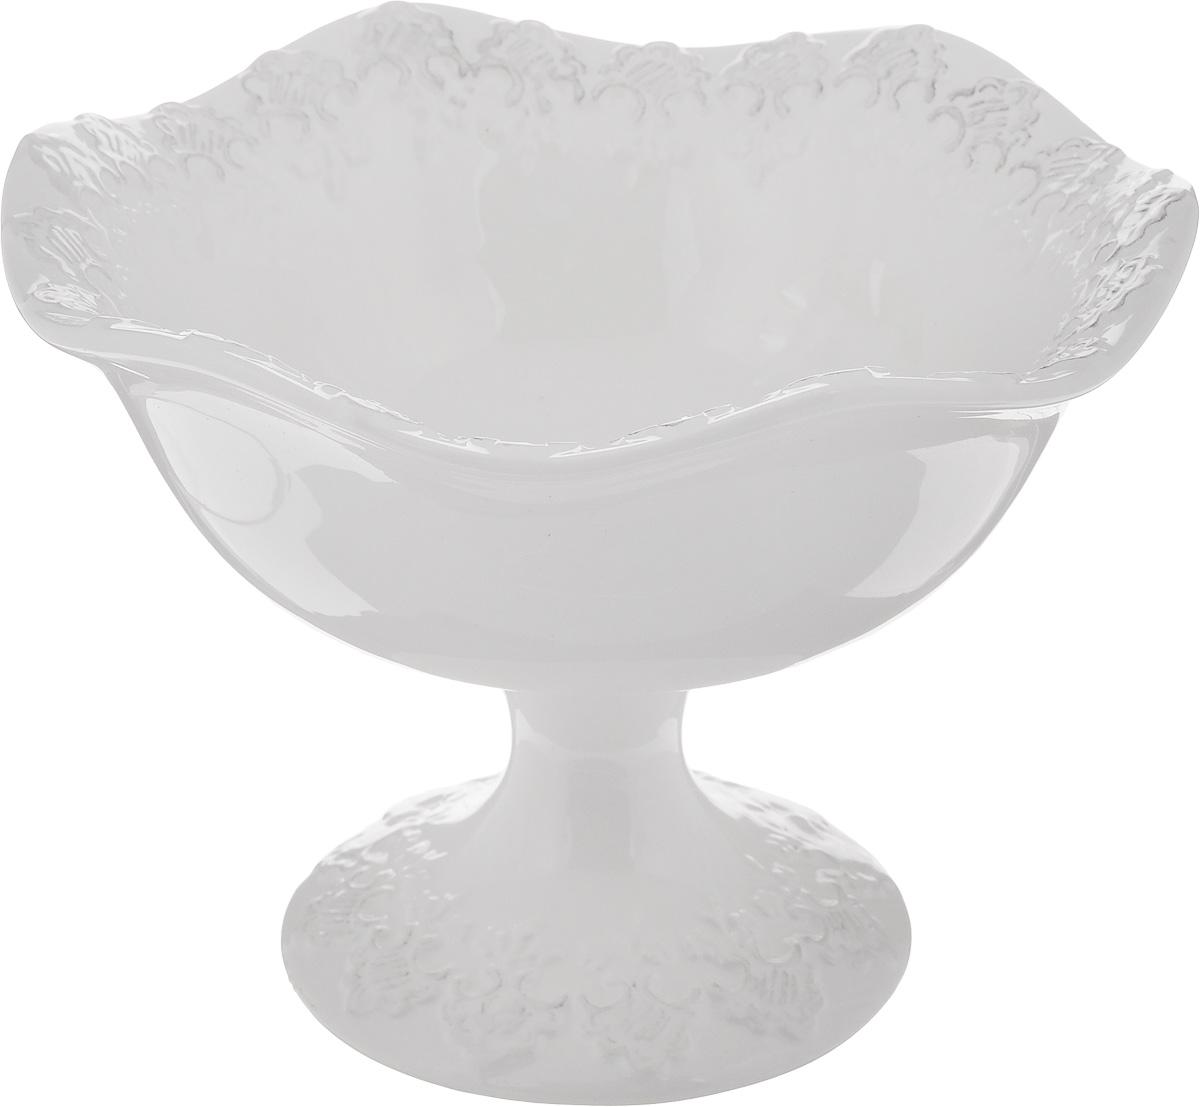 """Конфетница на ножке Patricia """"Версаль"""", изготовленная из  фаянса, украшена оригинальным орнаментом.  Стильная форма и интересное исполнение идеально впишутся  в любой интерьер.   Не рекомендуется использовать в микроволновой печи и мыть  в посудомоечной машине.  Диаметр конфетницы (по верхнему краю): 16 см.  Высота: 12 см."""